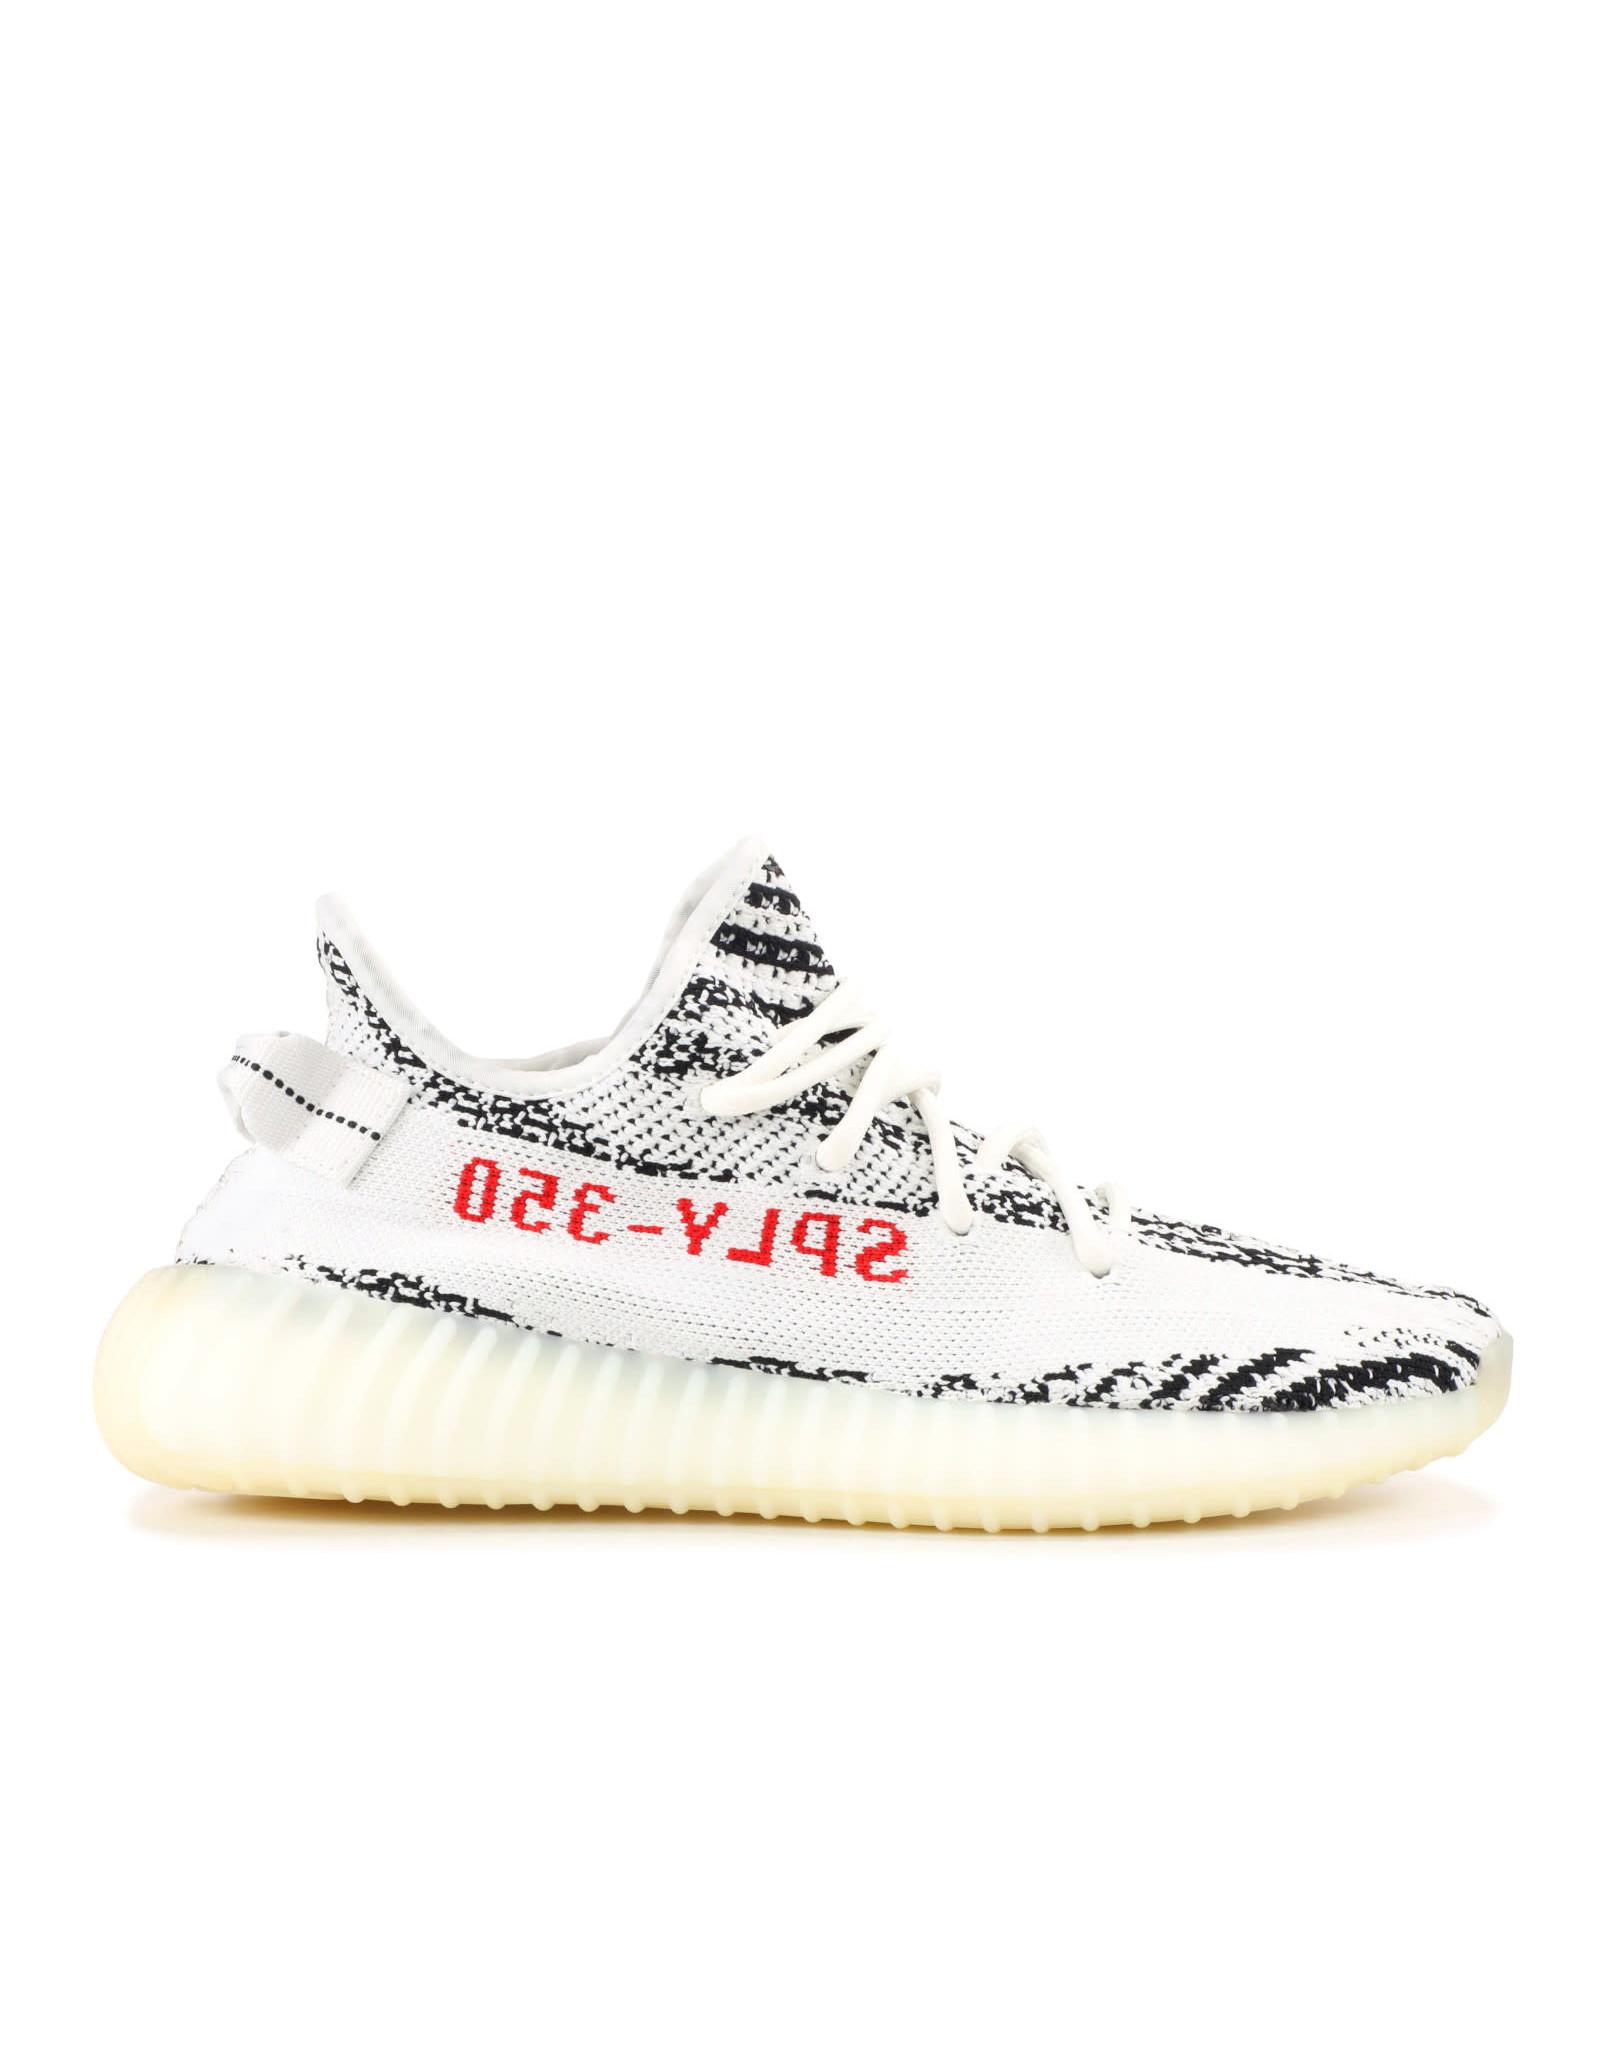 YEEZY Adidas Boost 350 V2 Zebra